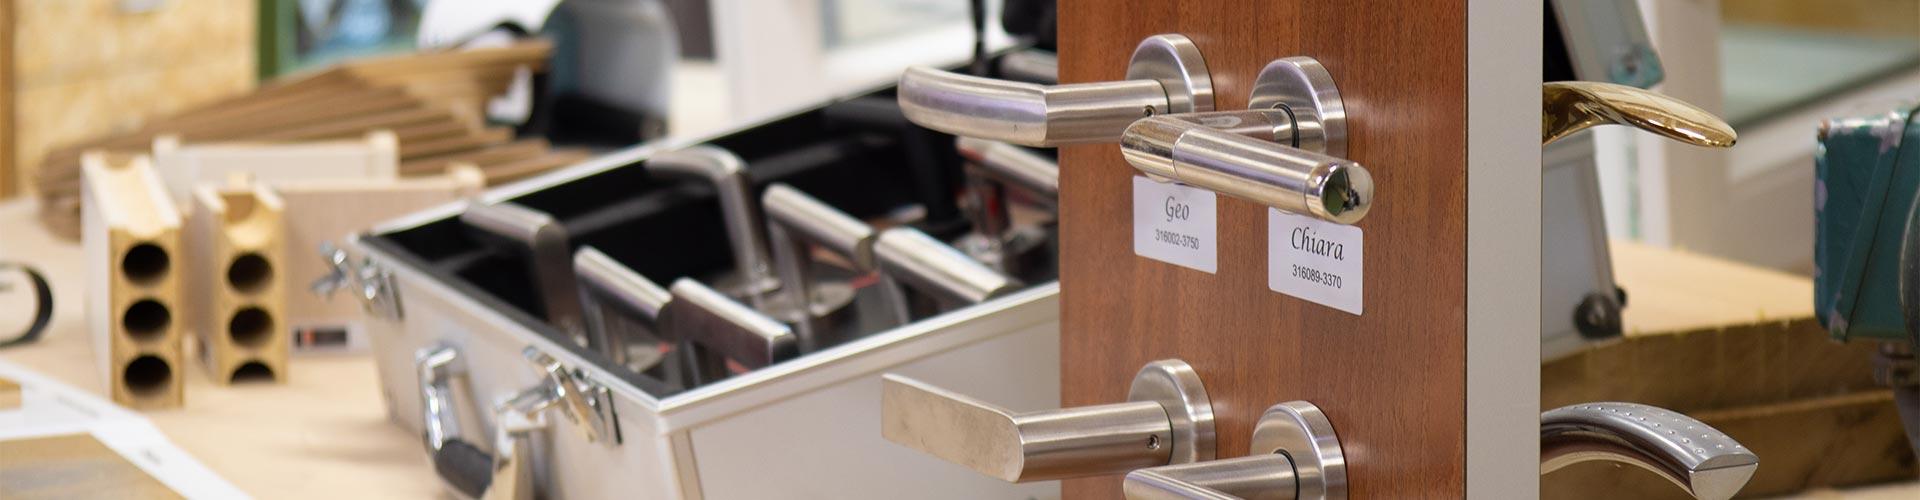 Türklinken für Haustüren und Zimmertüren